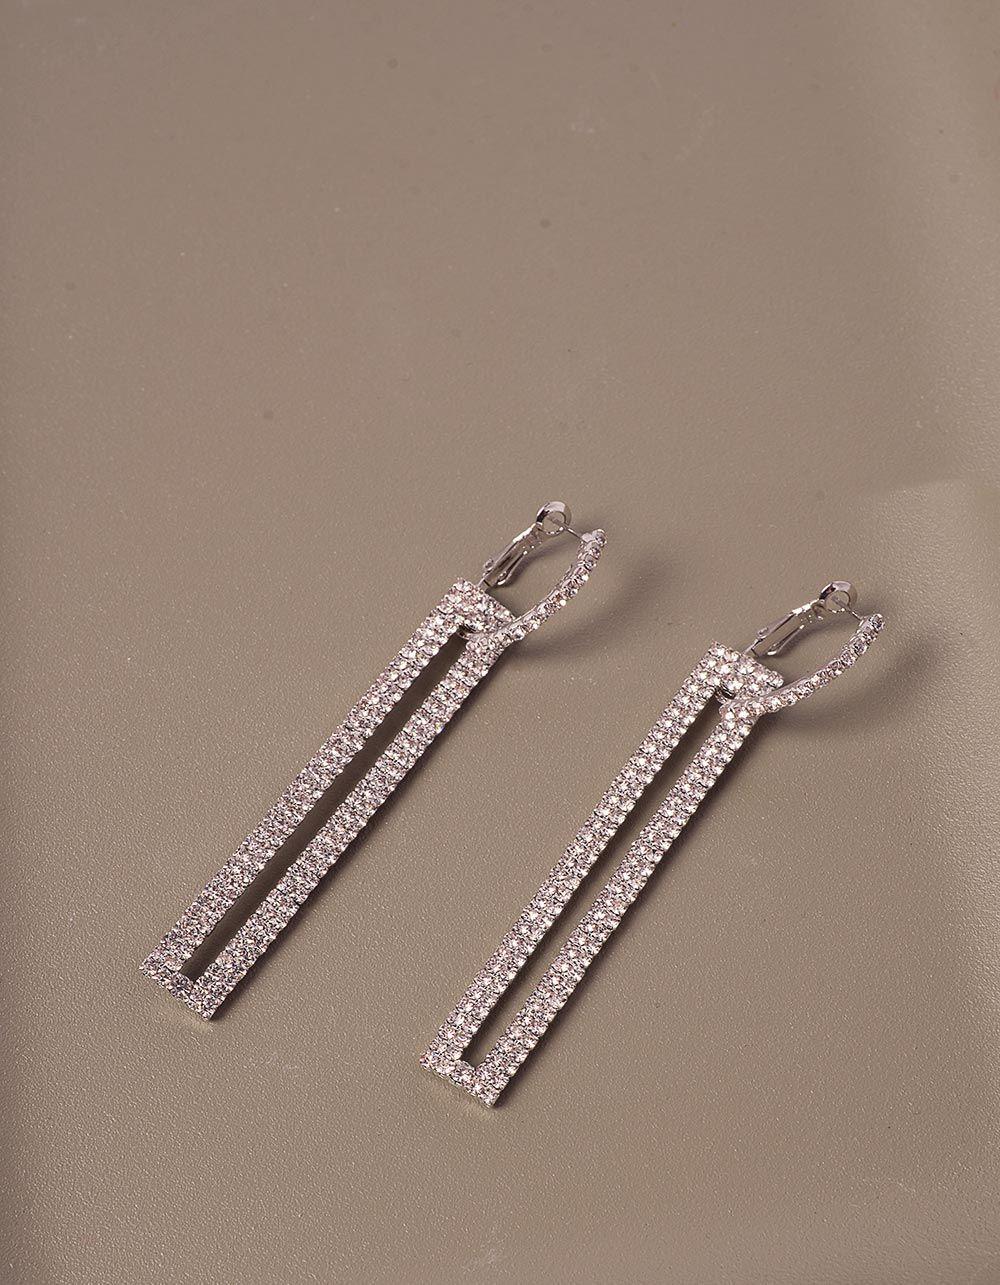 Сережки довгі декоровані стразами | 240159-06-XX